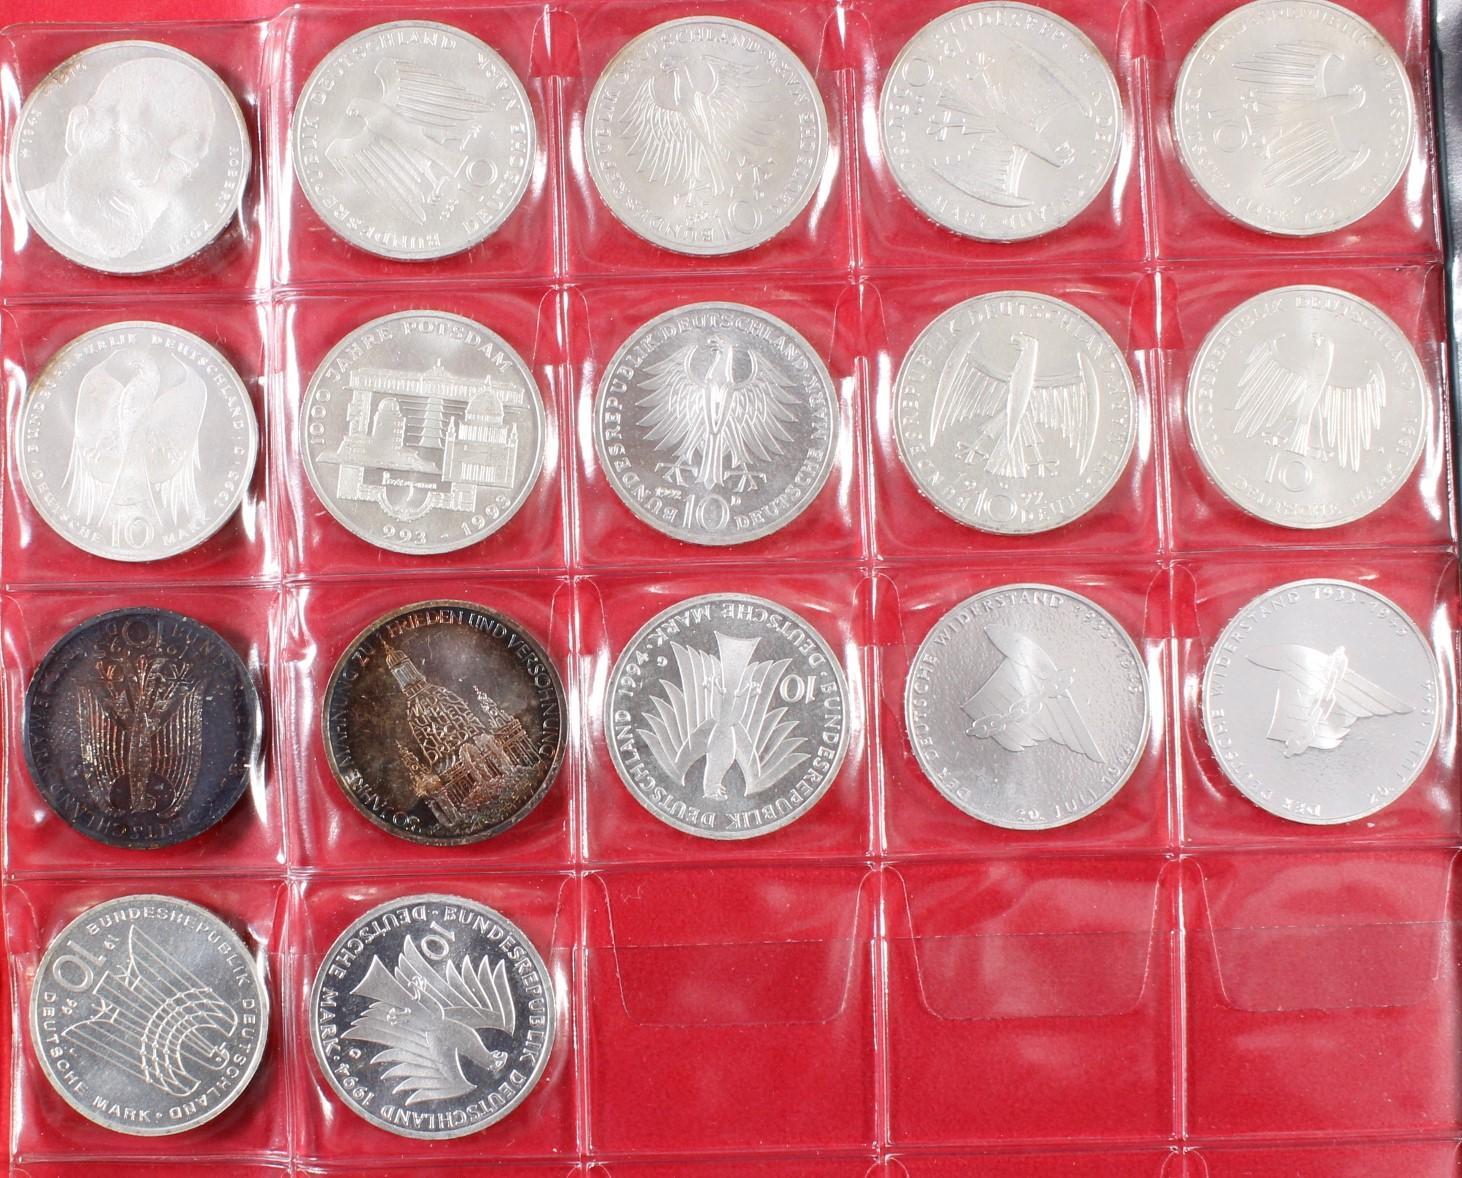 Münzsammlung BRD und alle Welt mit einer Goldmünze-9